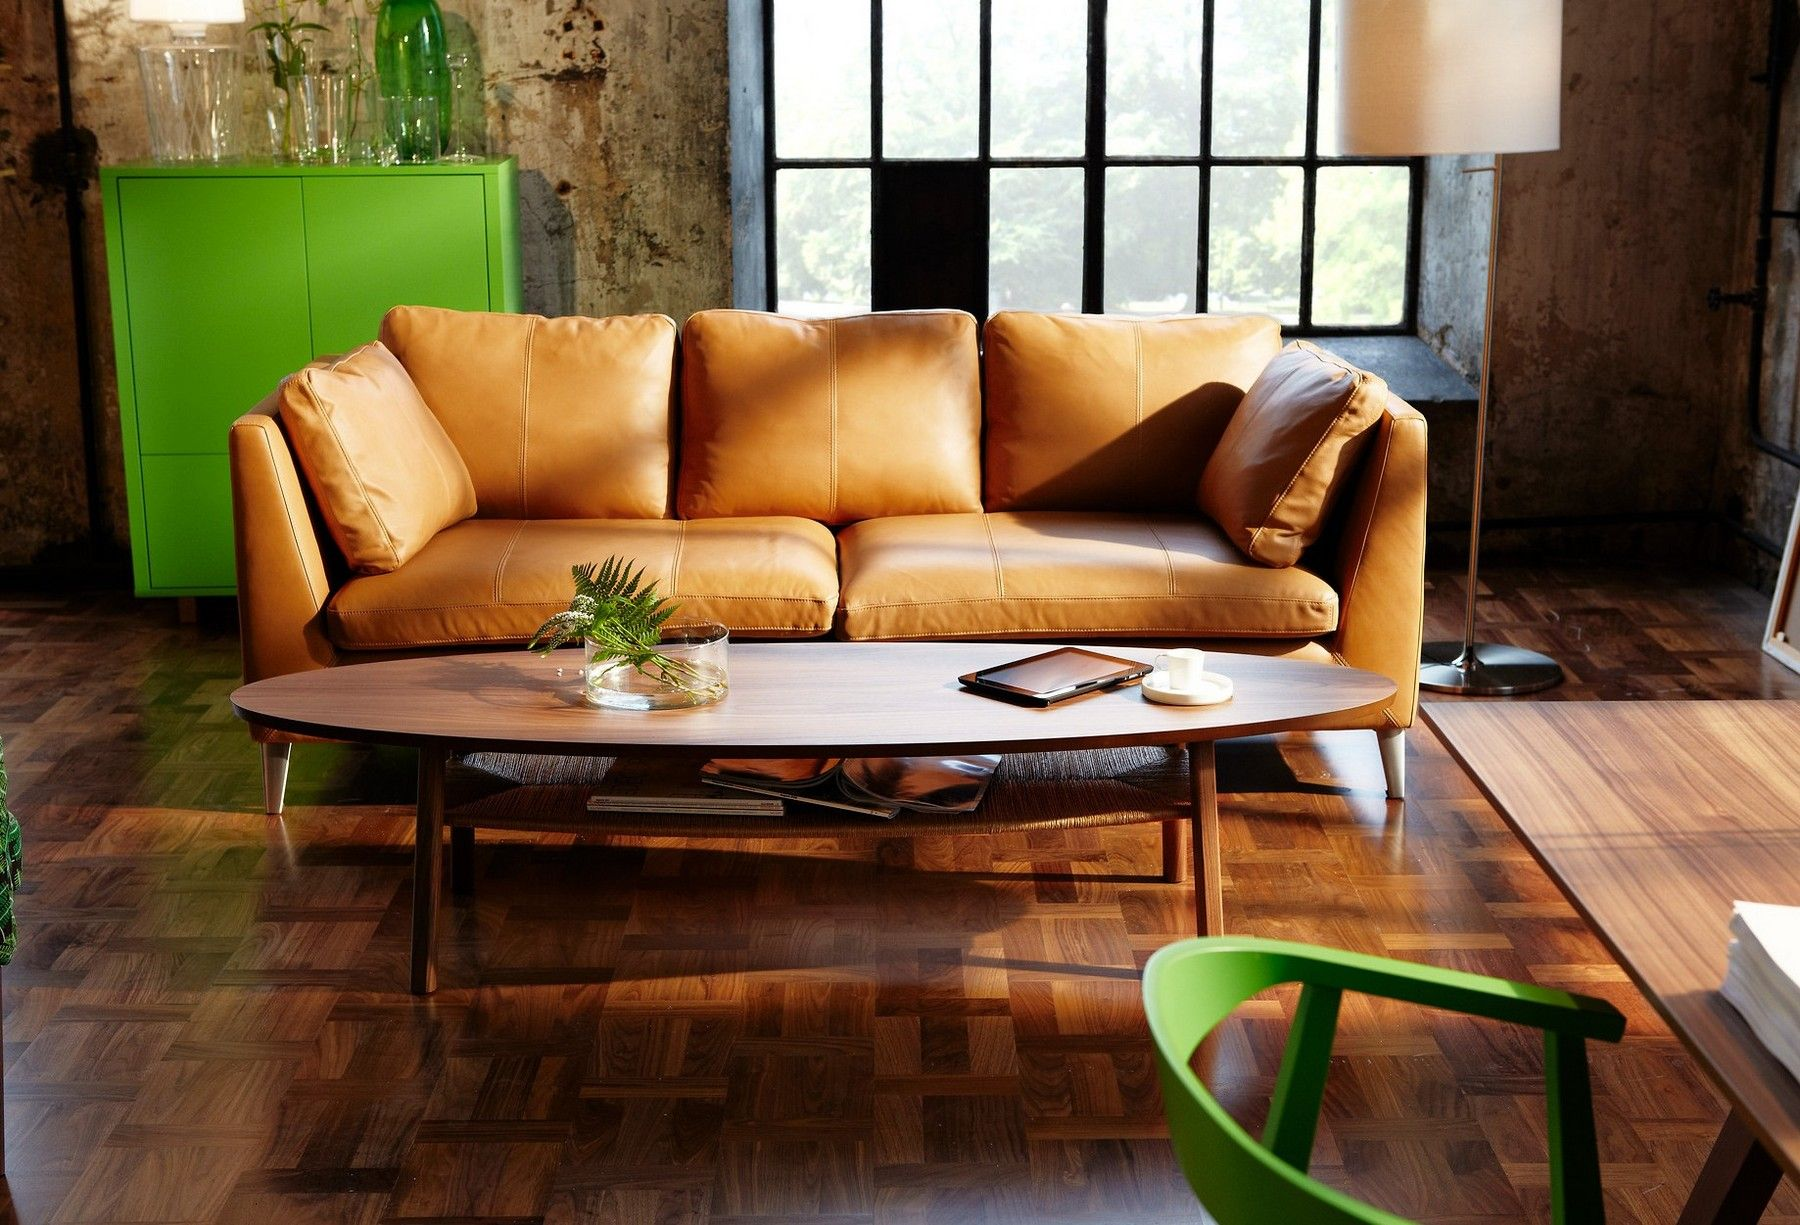 ikea stockholm ikea leather sofa ikea